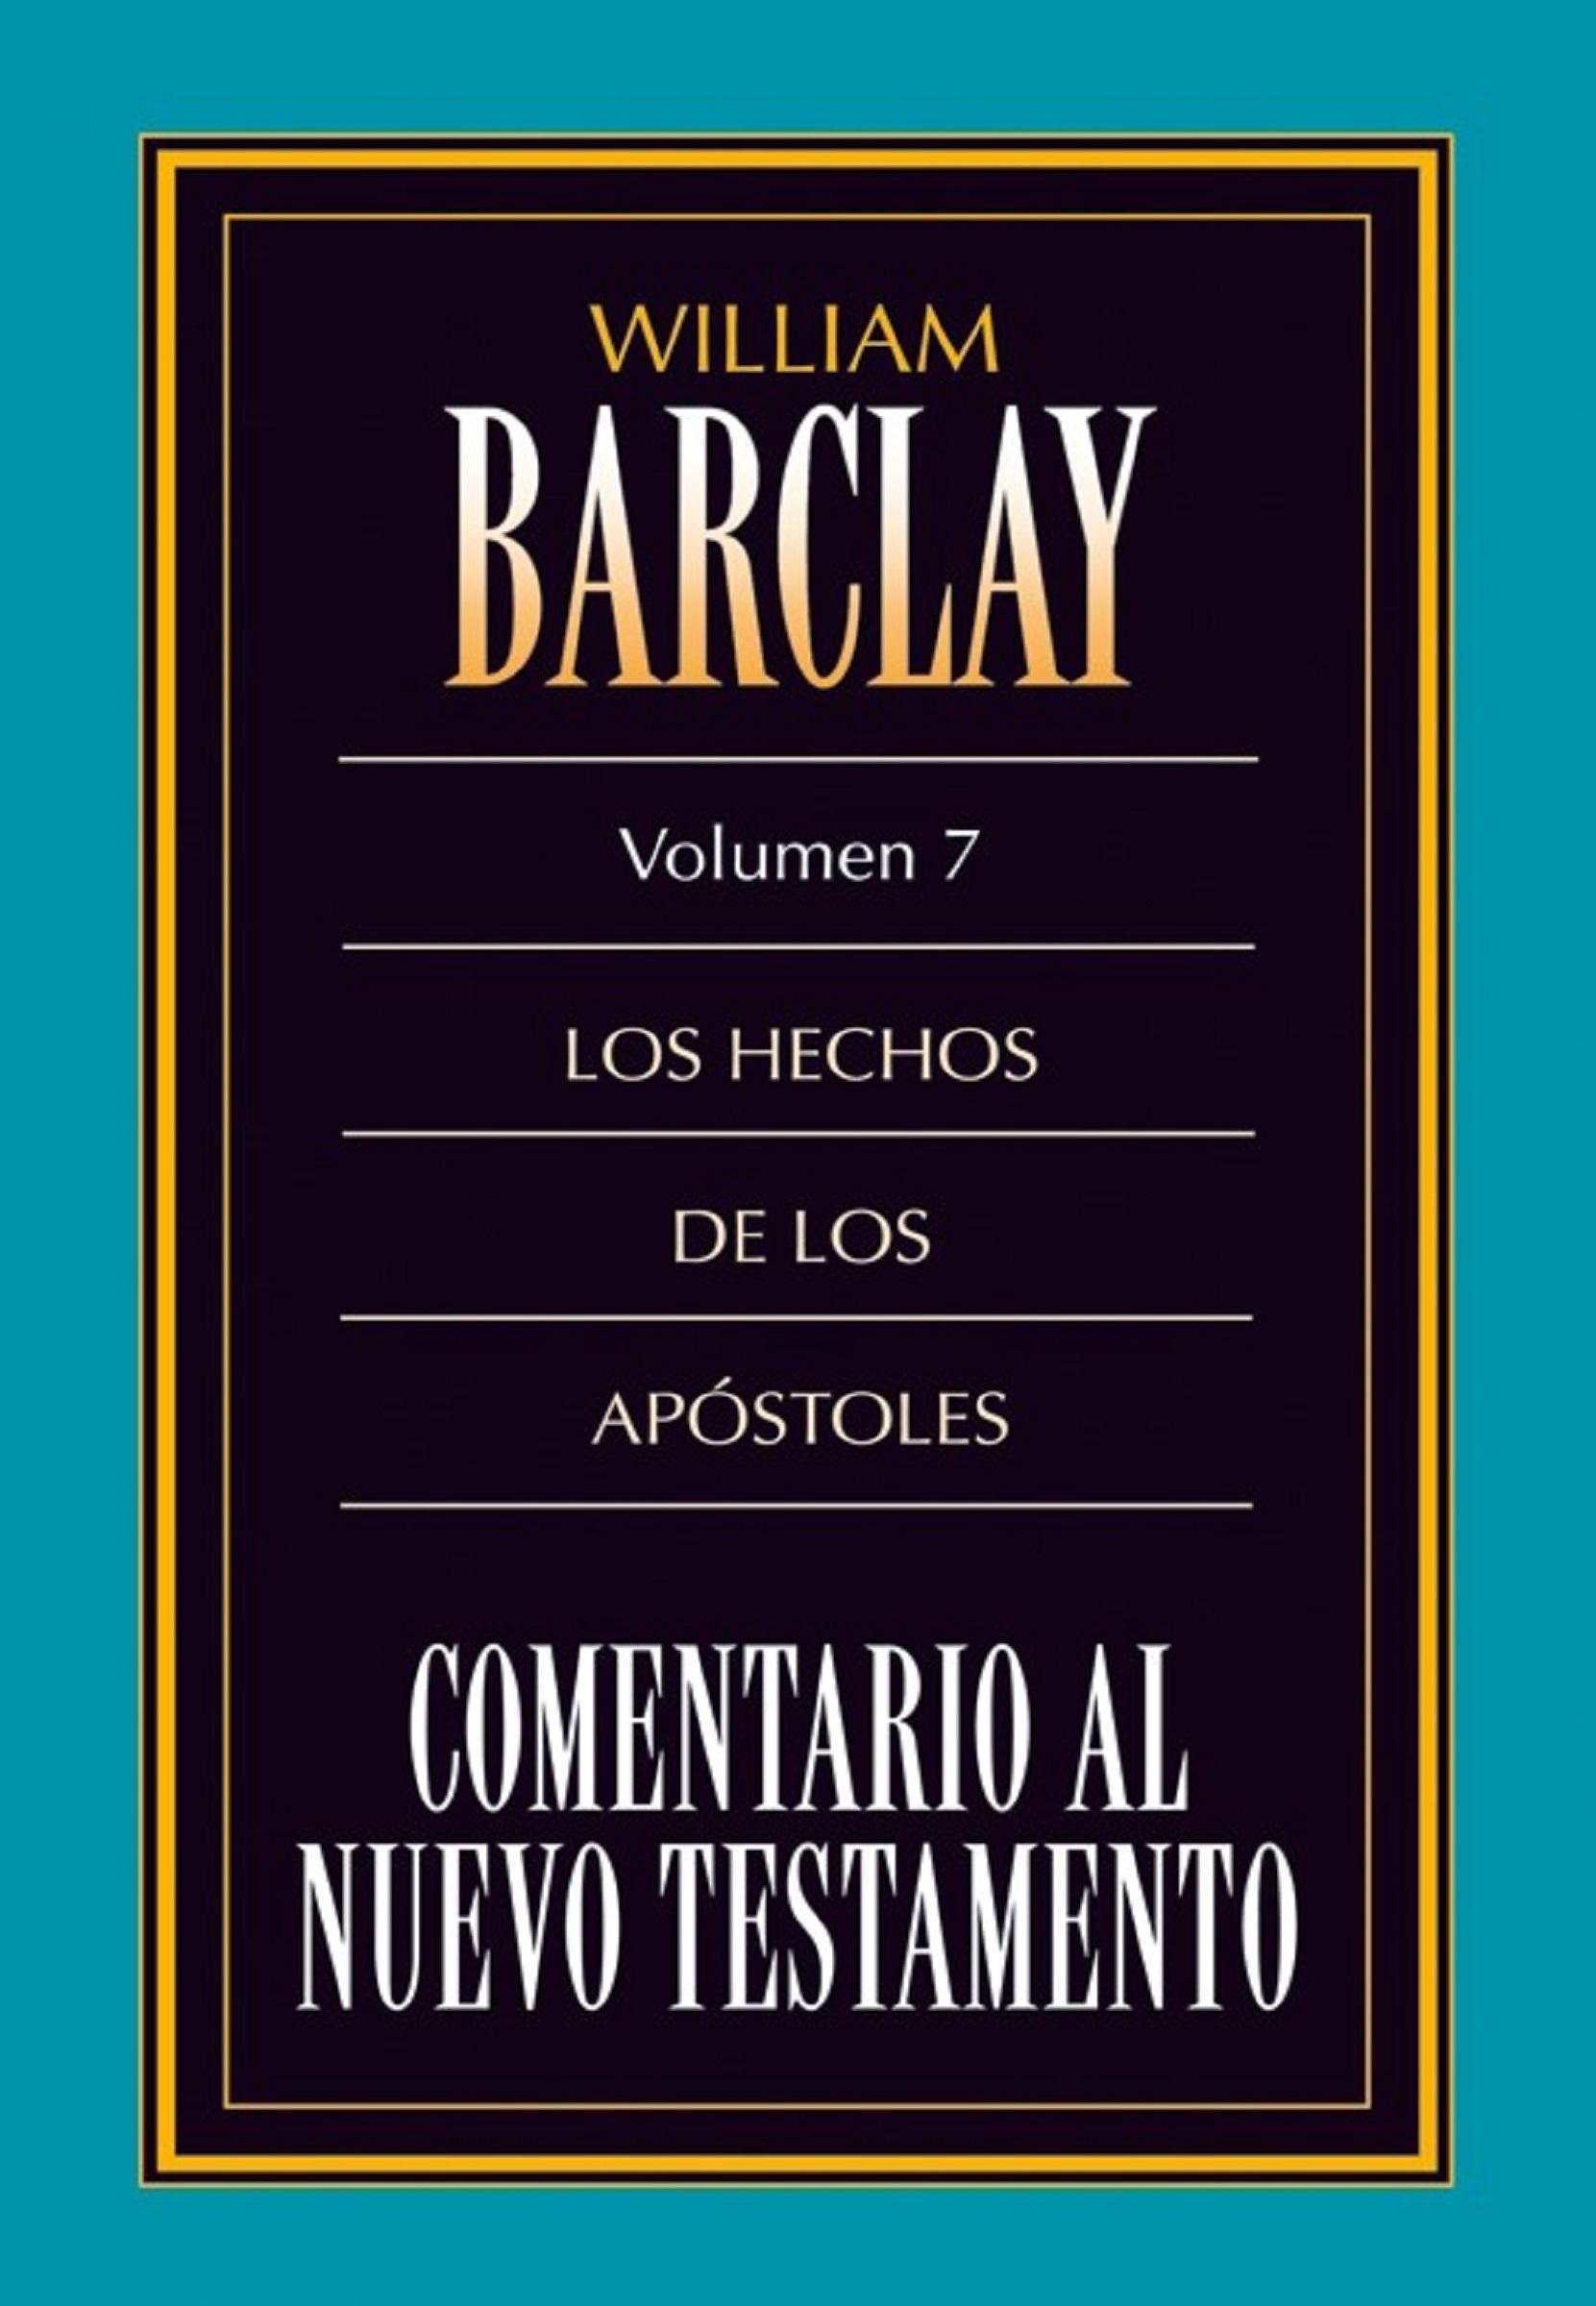 William Barclay Comentario al Nuevo Testamento Vol. 7 betty barclay блузка